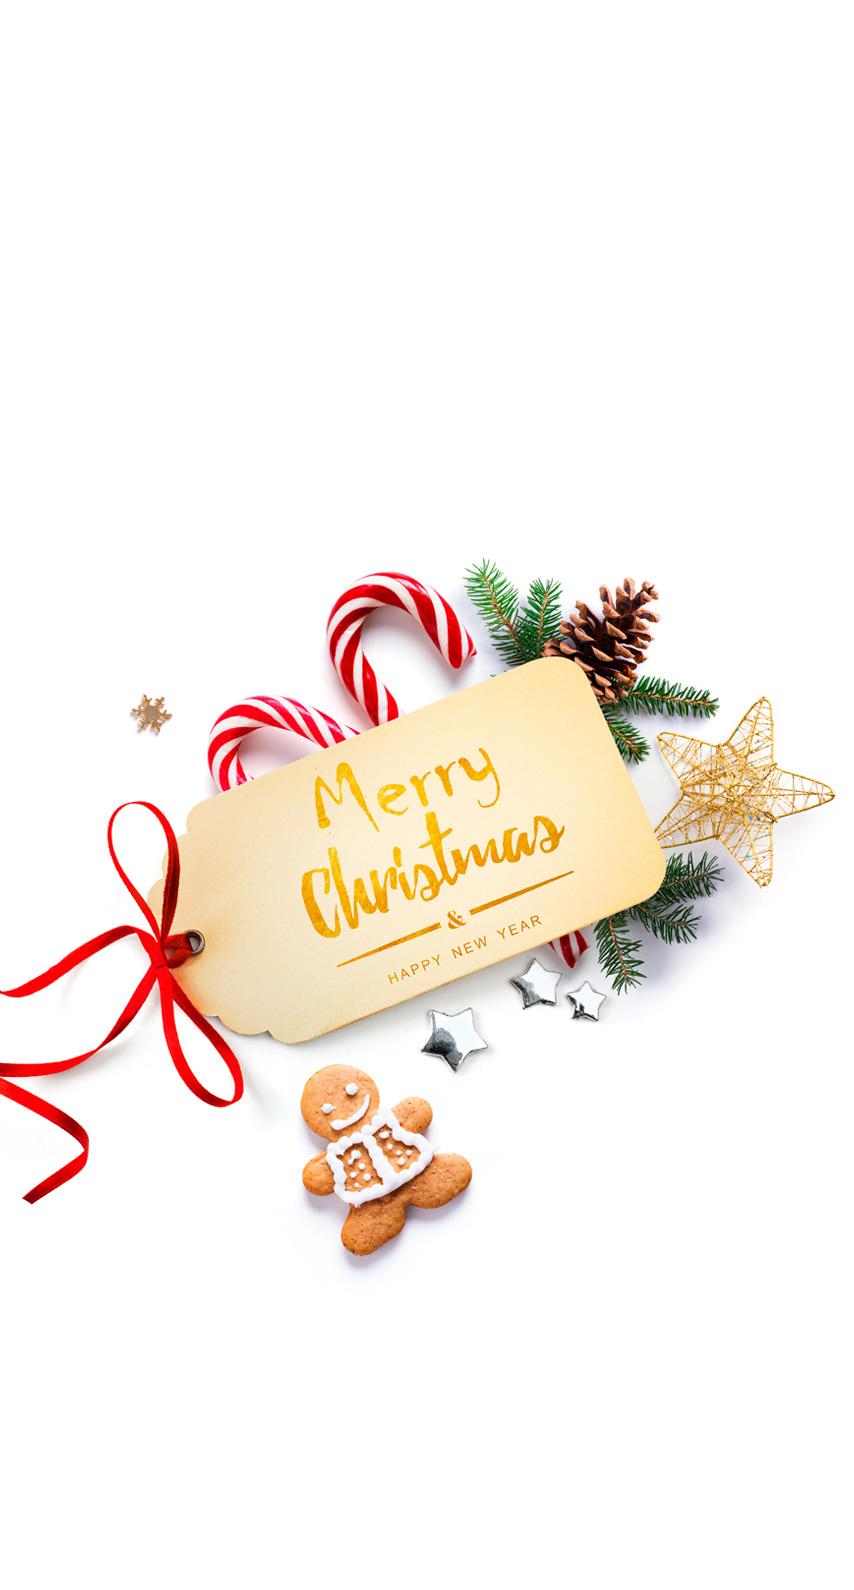 brand, Christmas